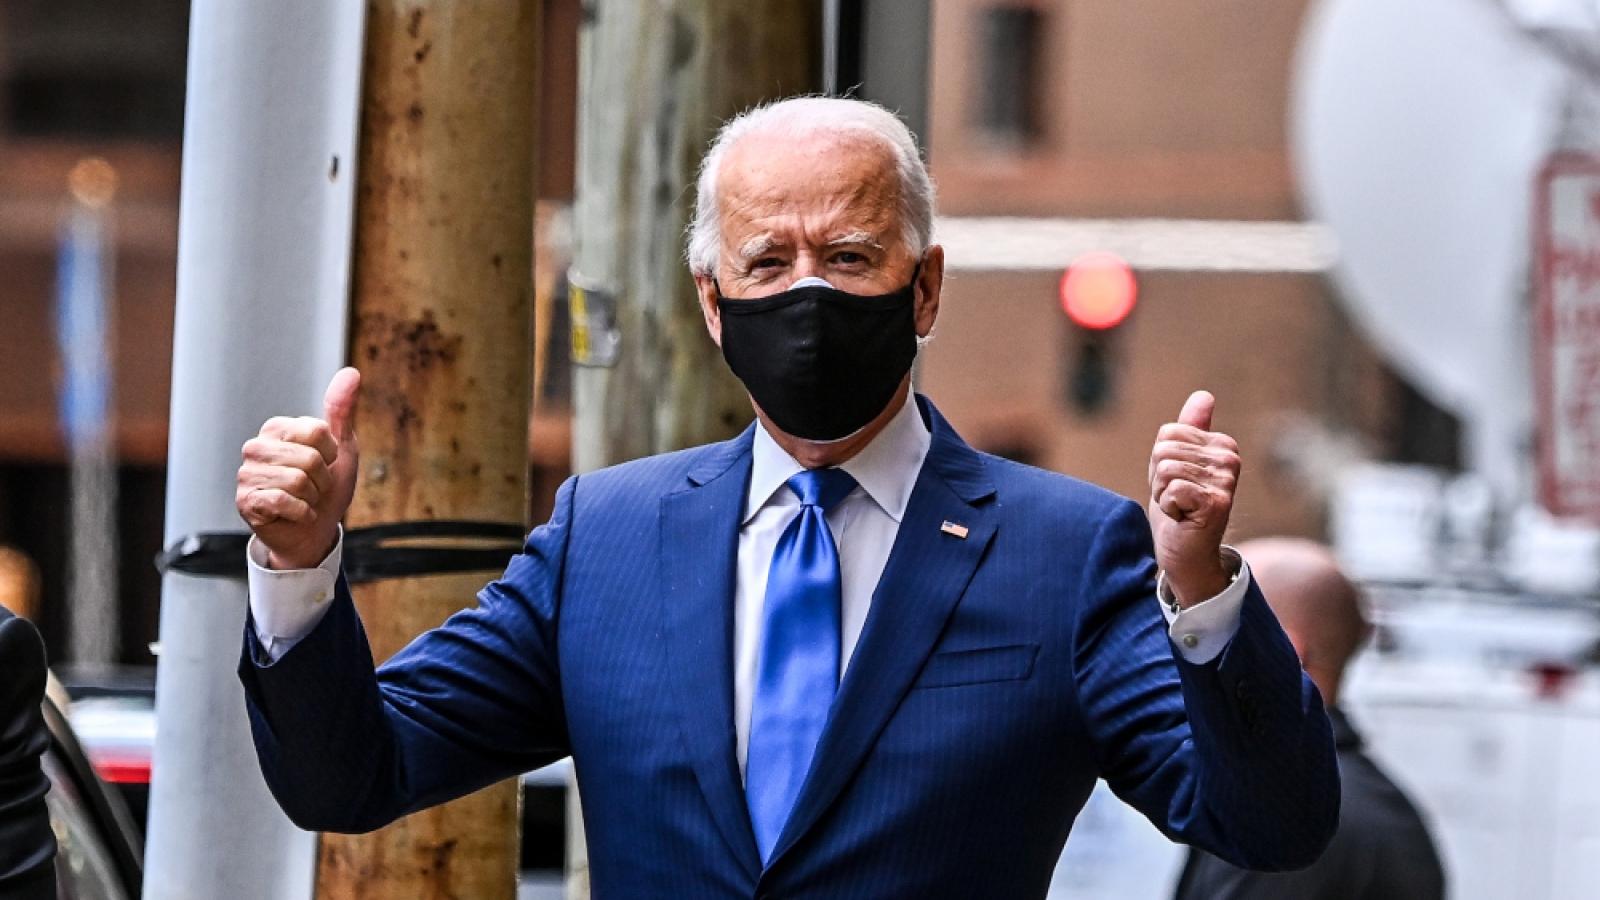 Bang Georgia kiểm phiếu lại lần 2, Joe Biden vẫn dẫn trước